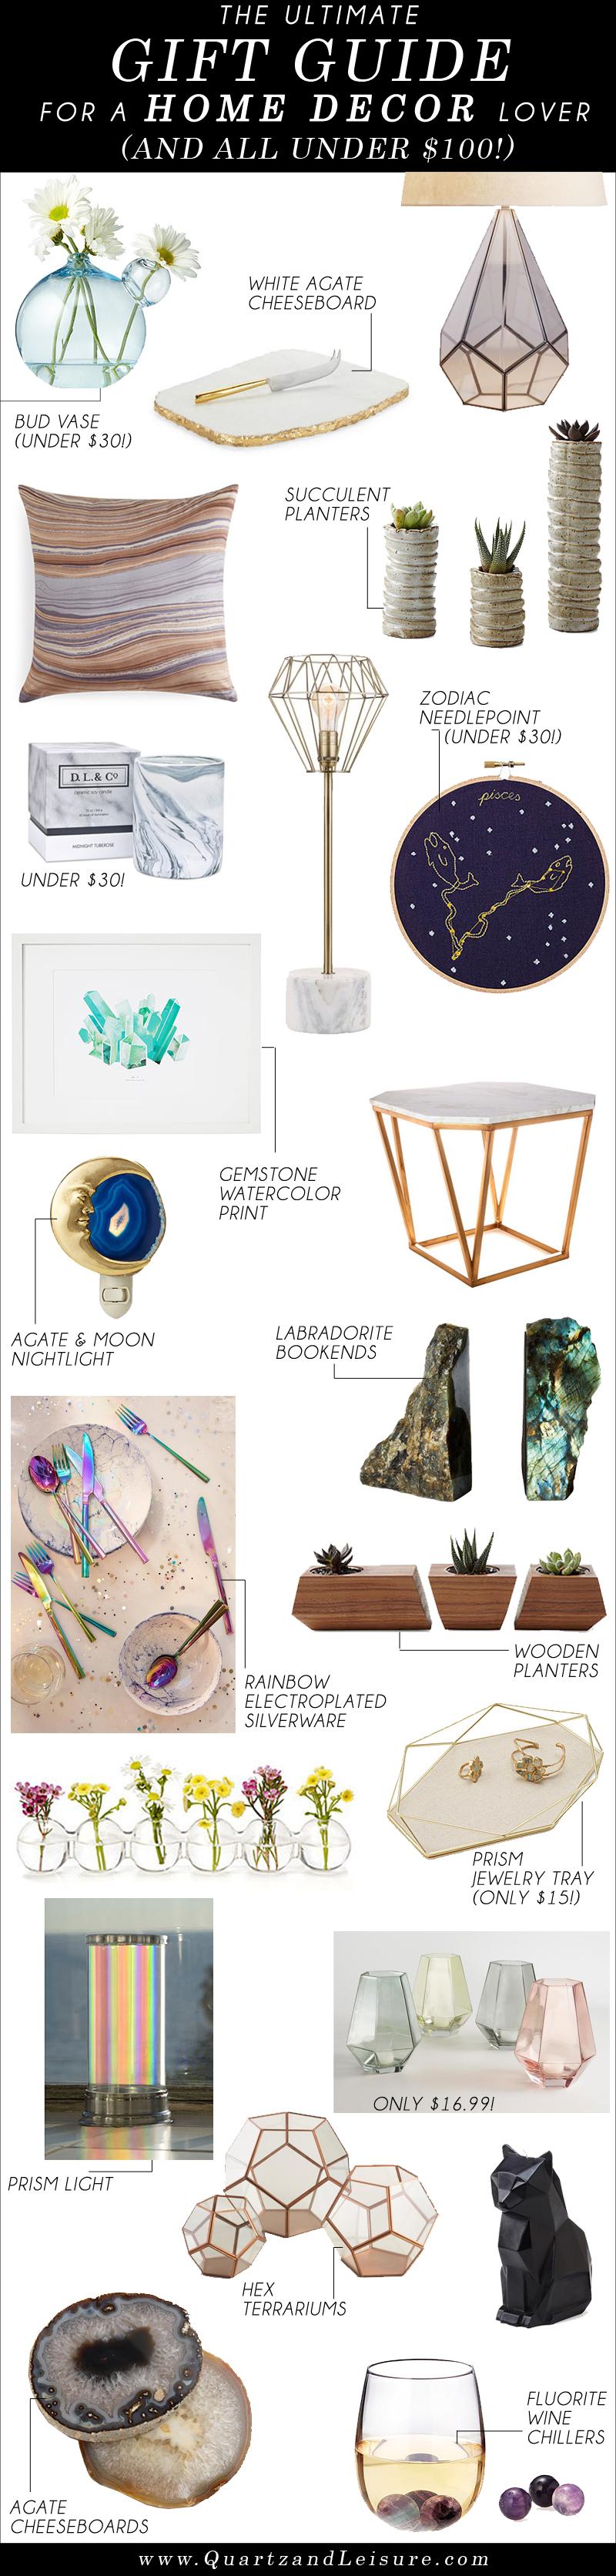 Home Decor Gift Guide -Quartz & Leisure